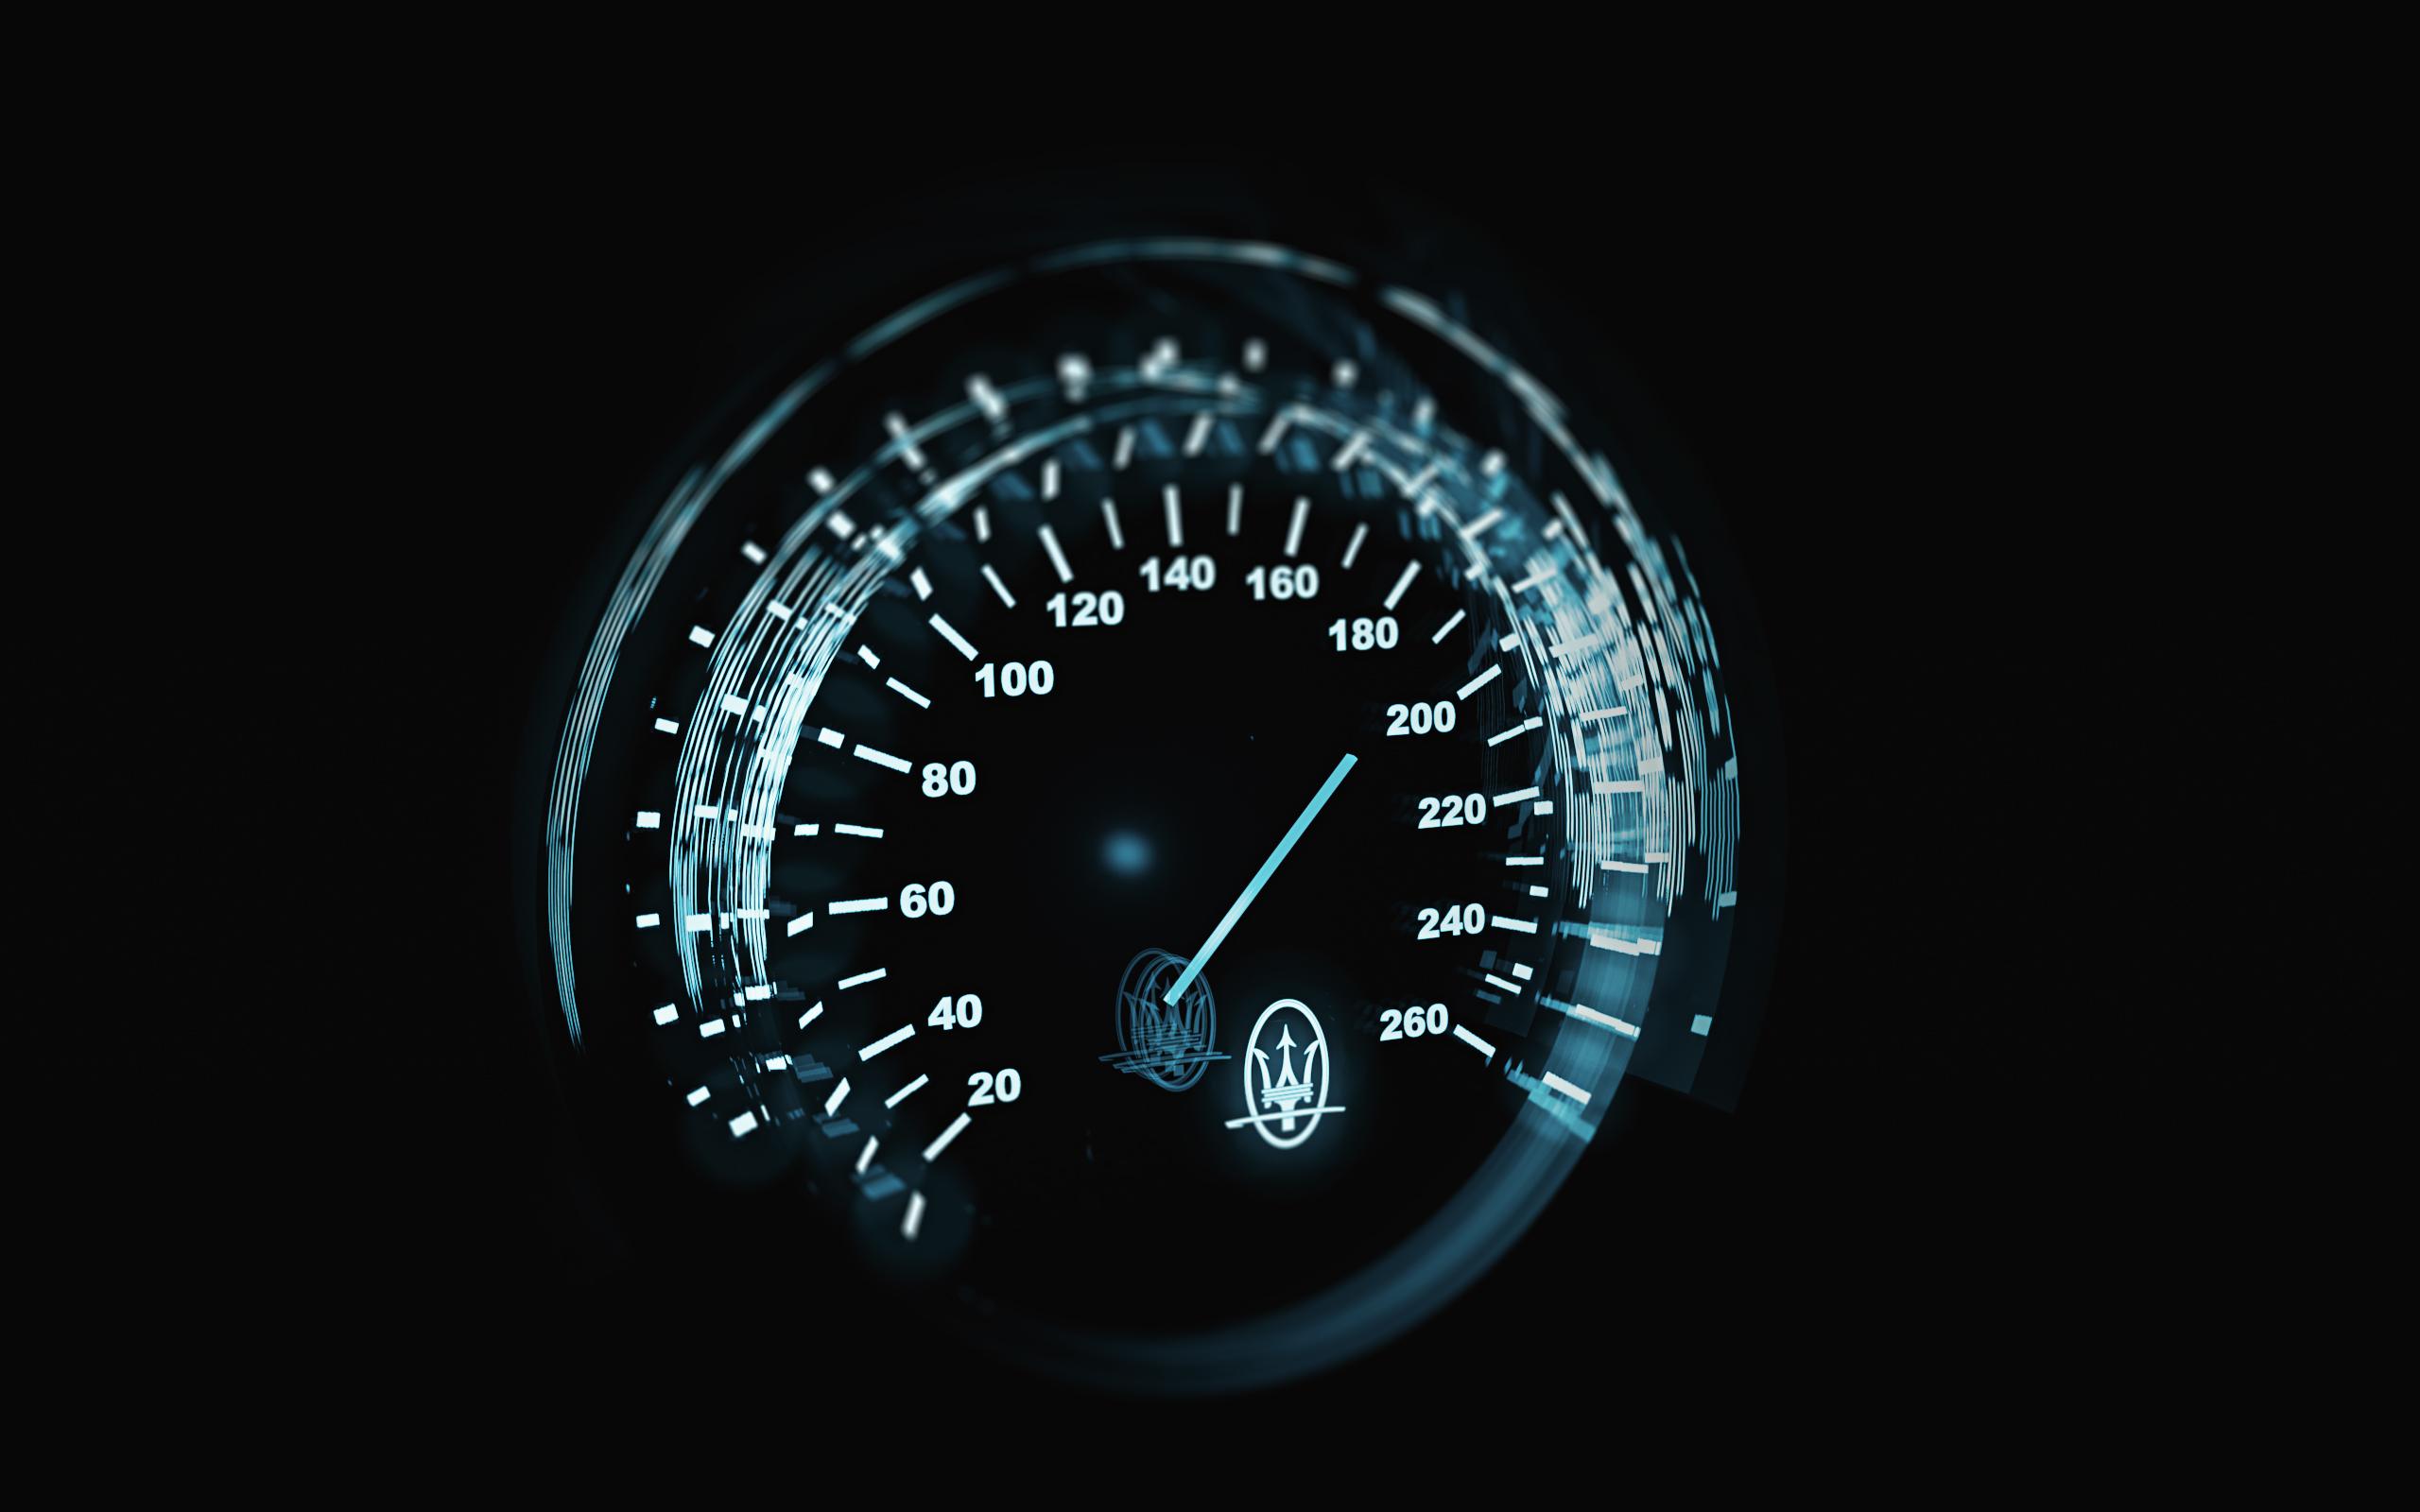 спидометр speedometer  № 2610992 бесплатно